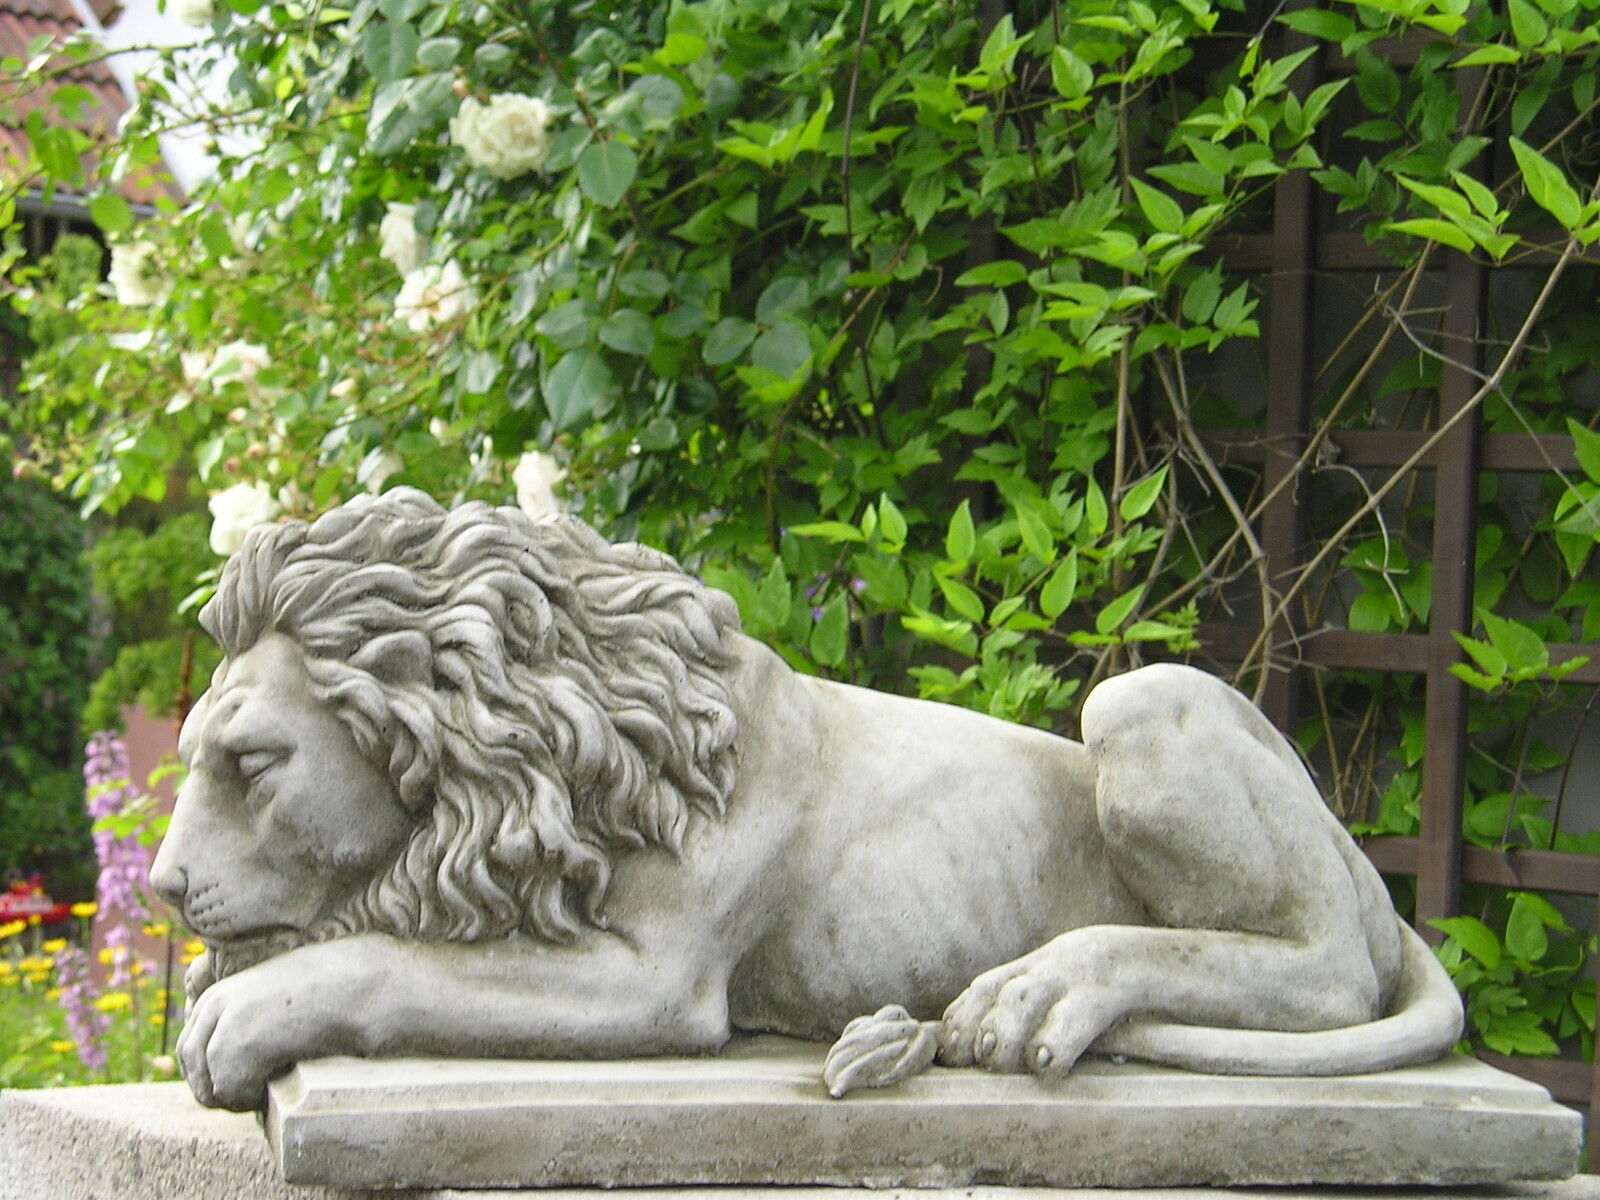 gartenfigur steinfigur stein skulptur l we r antik